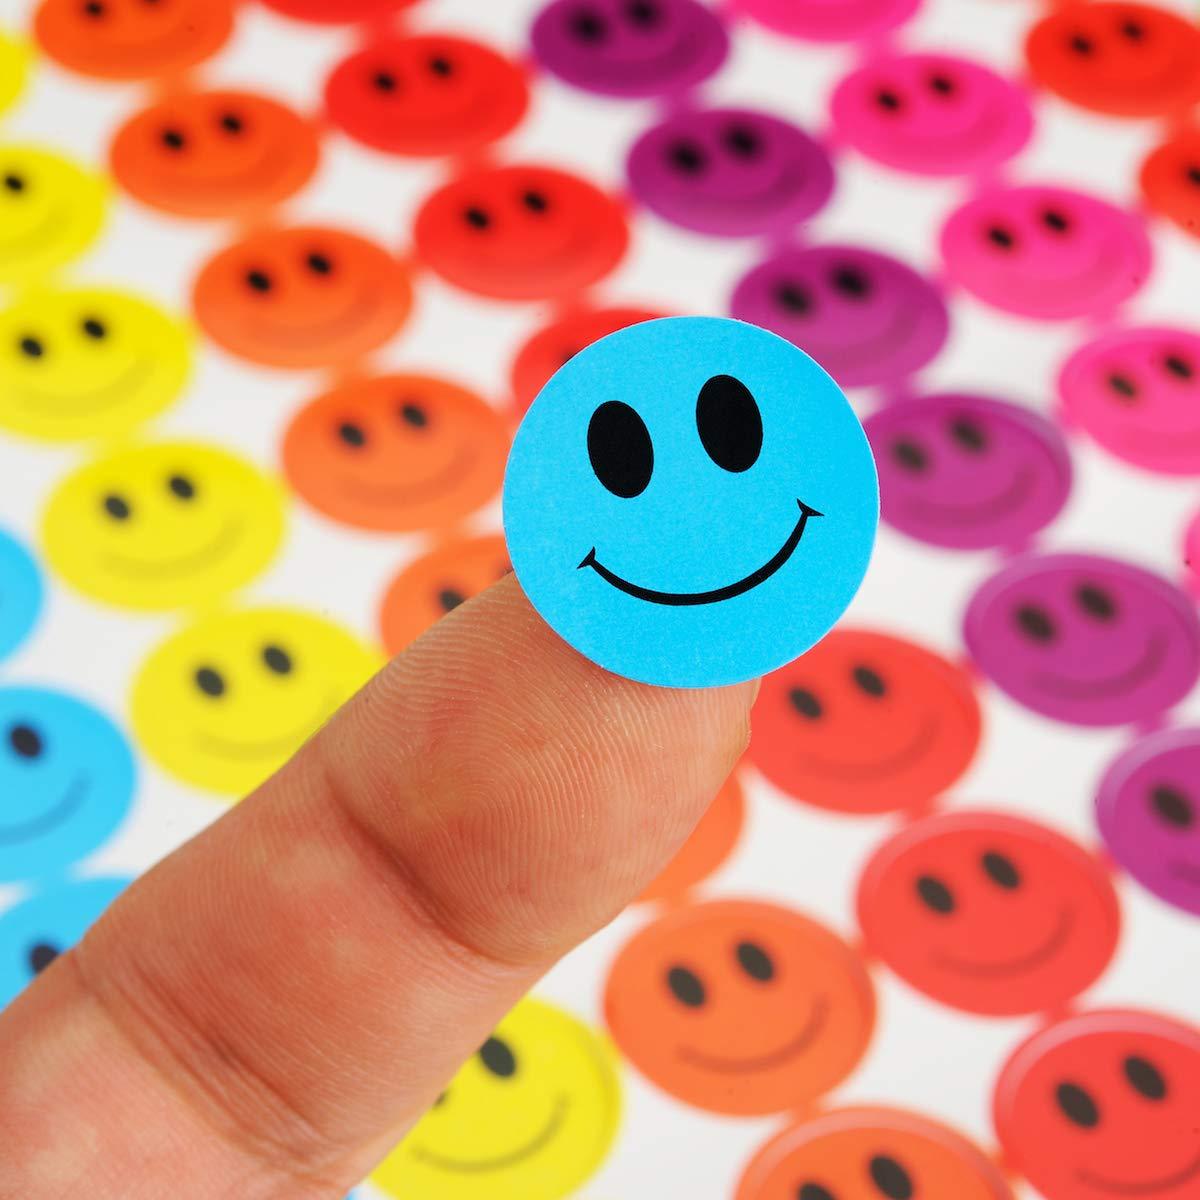 Eltern Kreis-Etiketten rund Kunst Kreise Punkte ideal f/ür Lehrer Verhaltens-Sticker Belohnungskarten A1 Multicolored 19 mm Handwerk ONUPGO 2340 Smiley-Aufkleber Happy Face Incentive Sticker